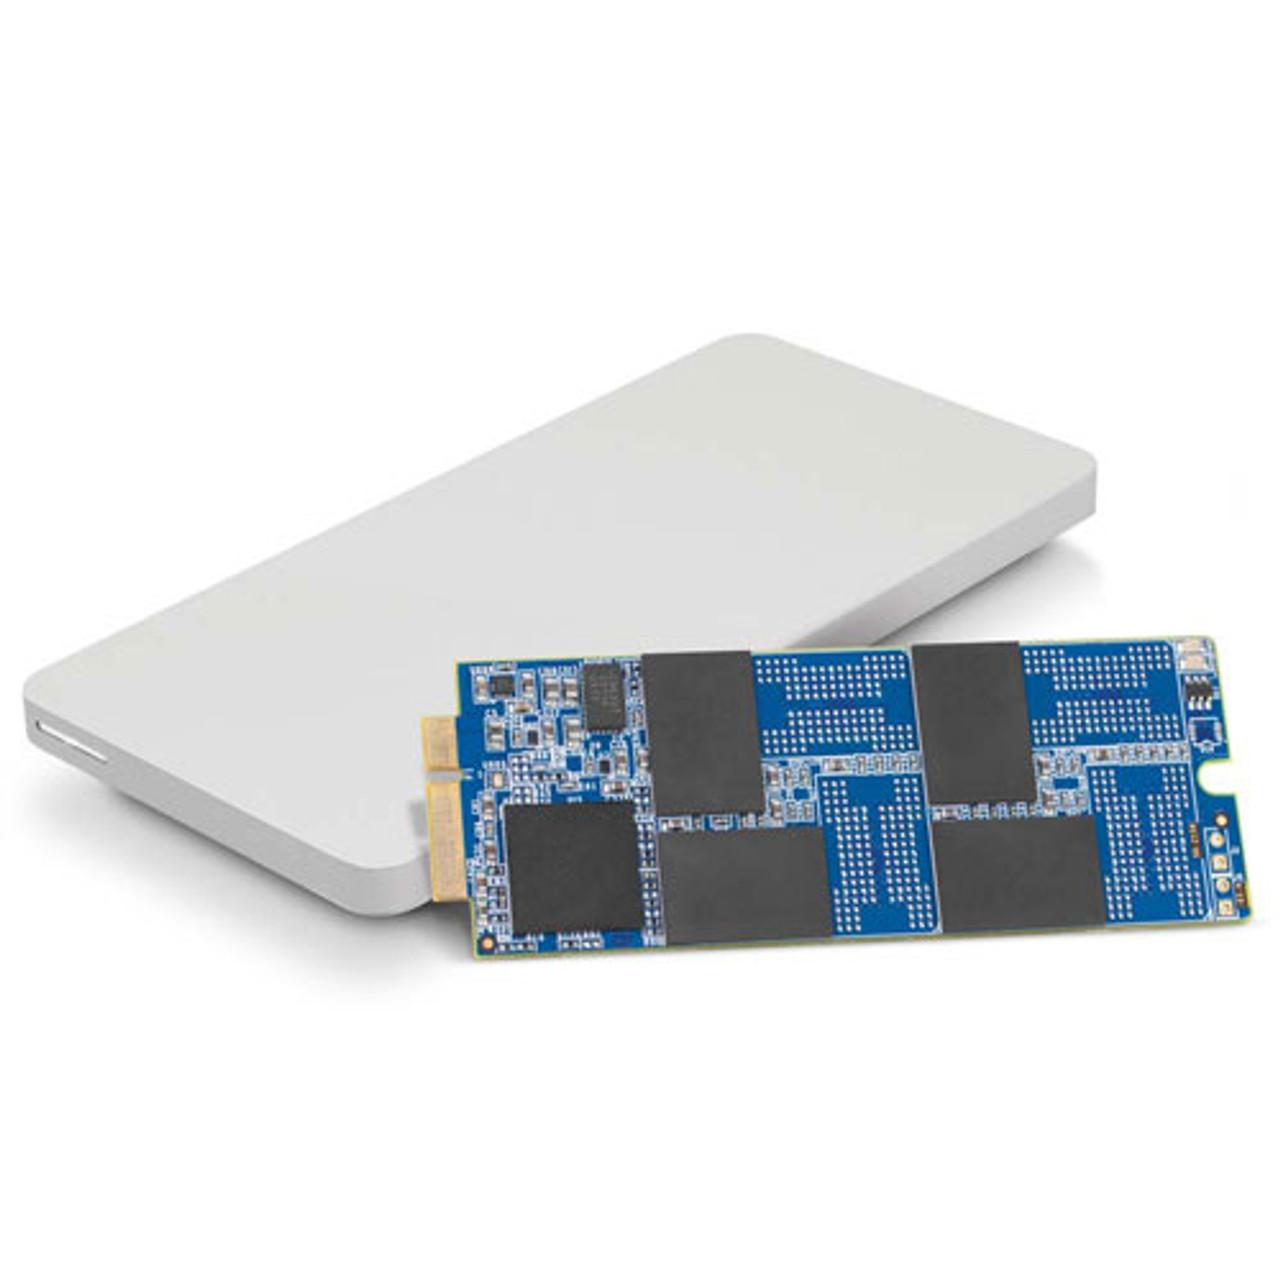 OWCS3DAP12K500, OWC 500GB Aura Pro 6G SSD